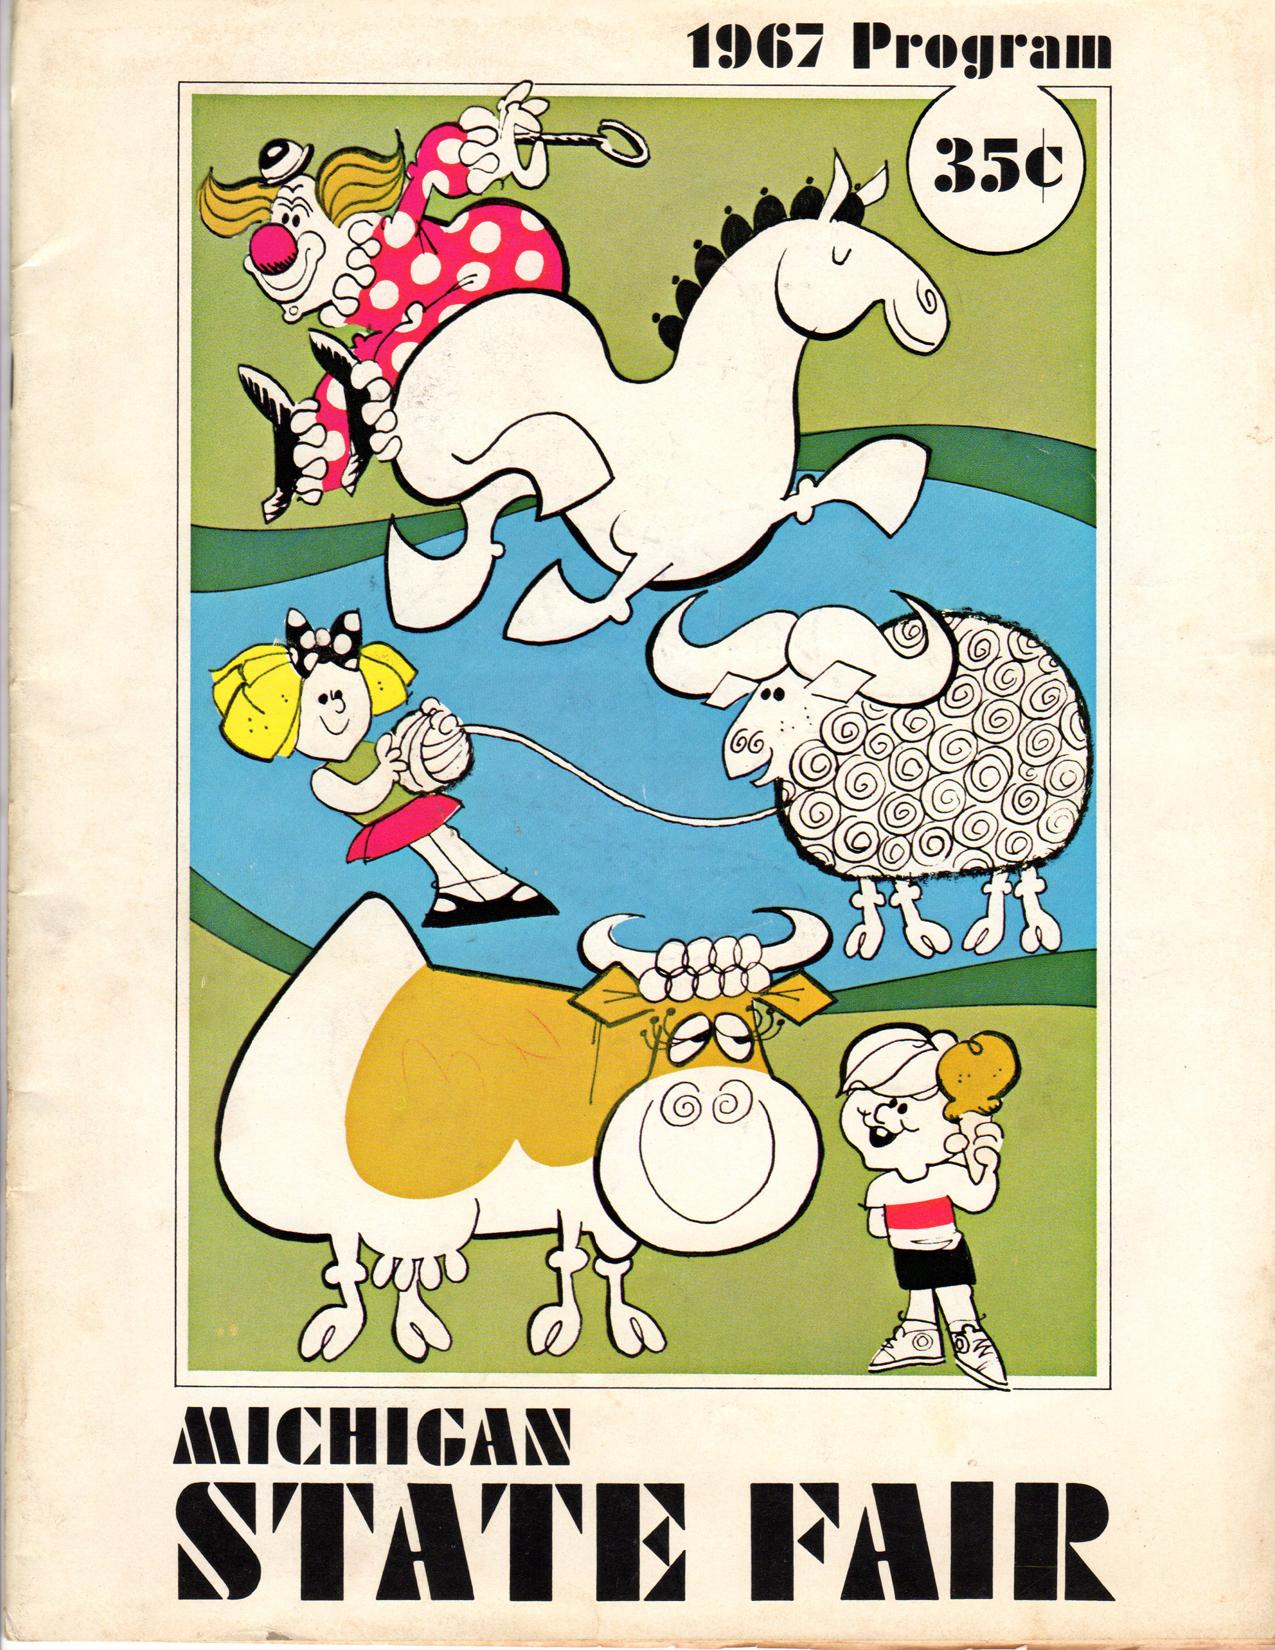 Michigan State Fair program book,1967